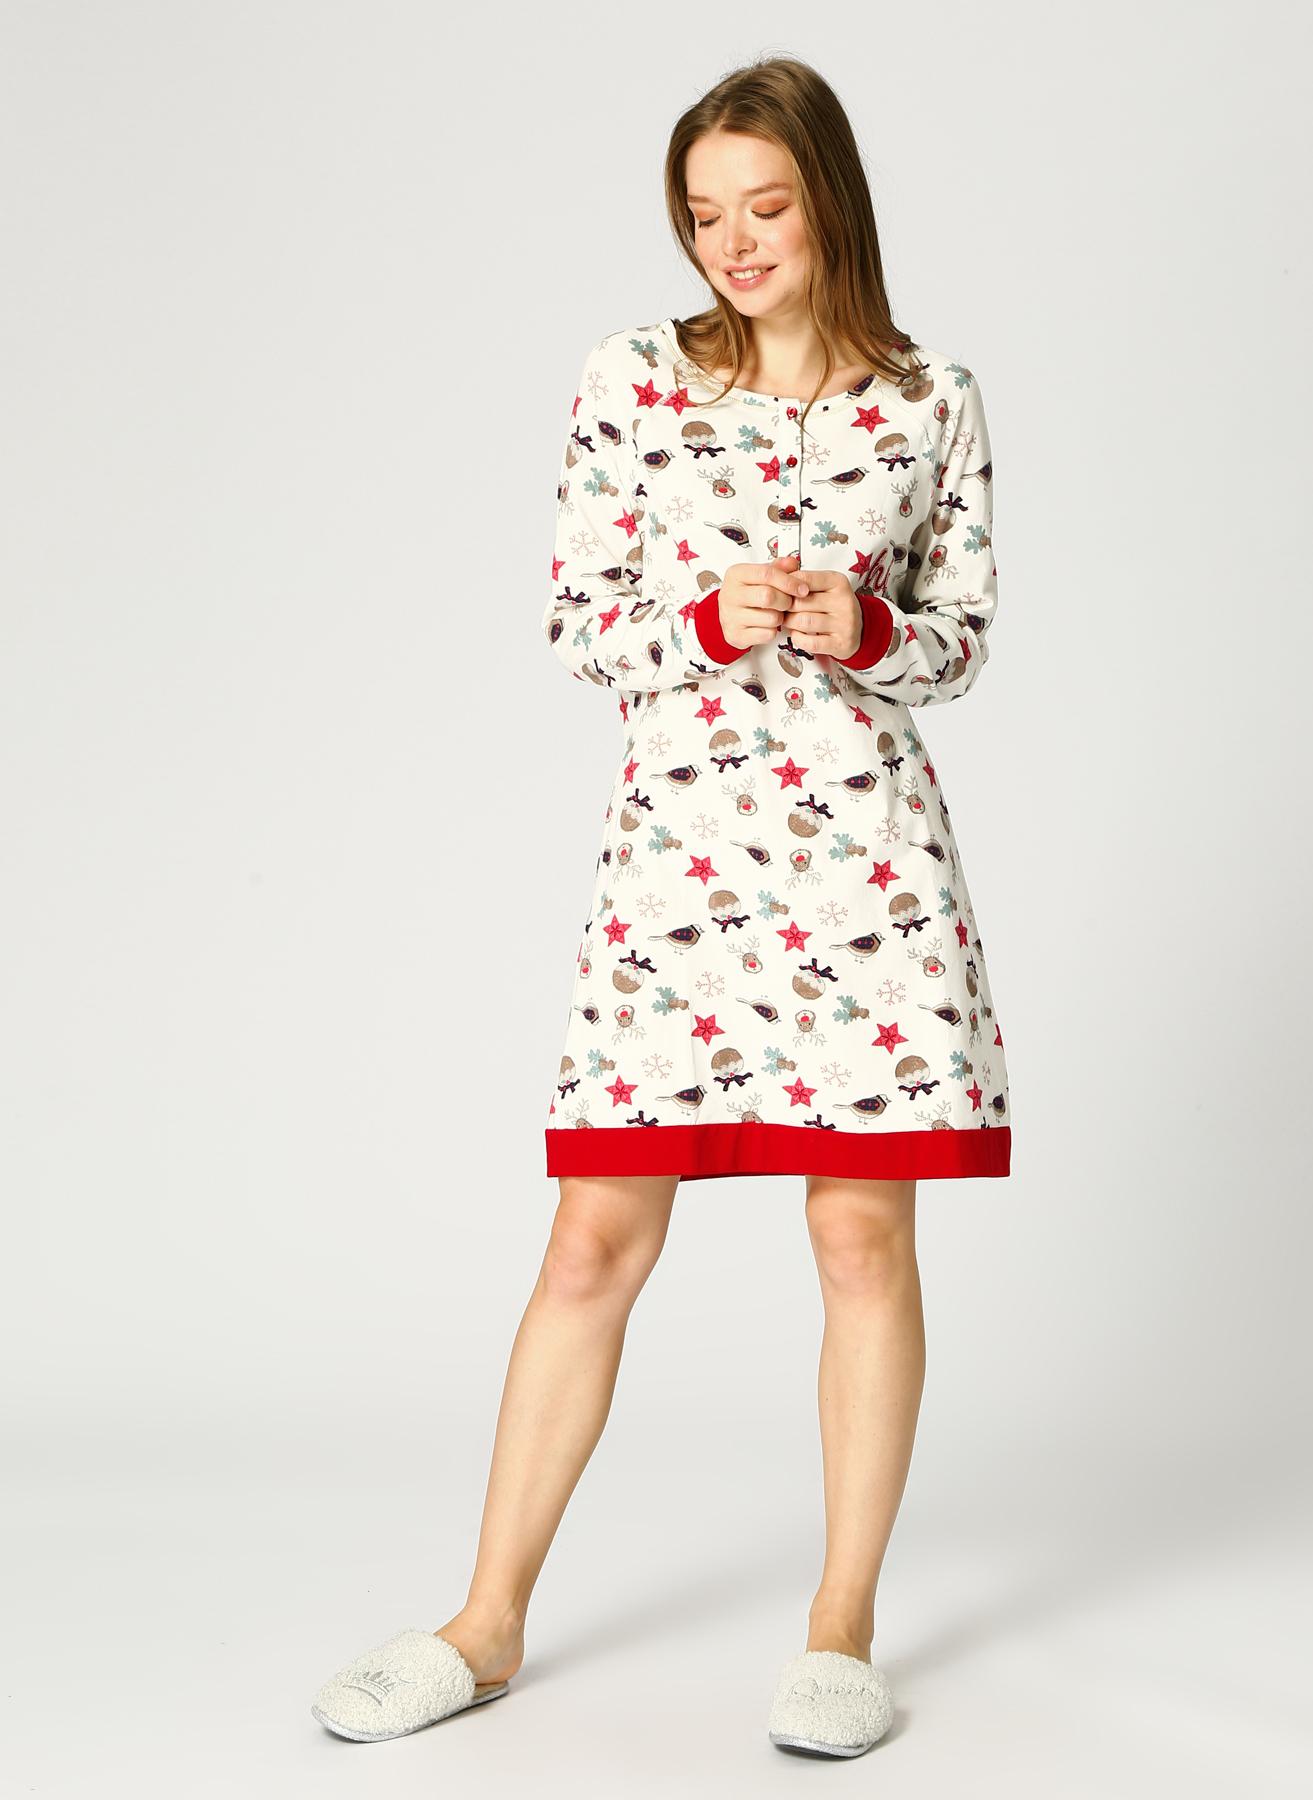 Pierre Cardin Pijama Takımı L 5002312704001 Ürün Resmi